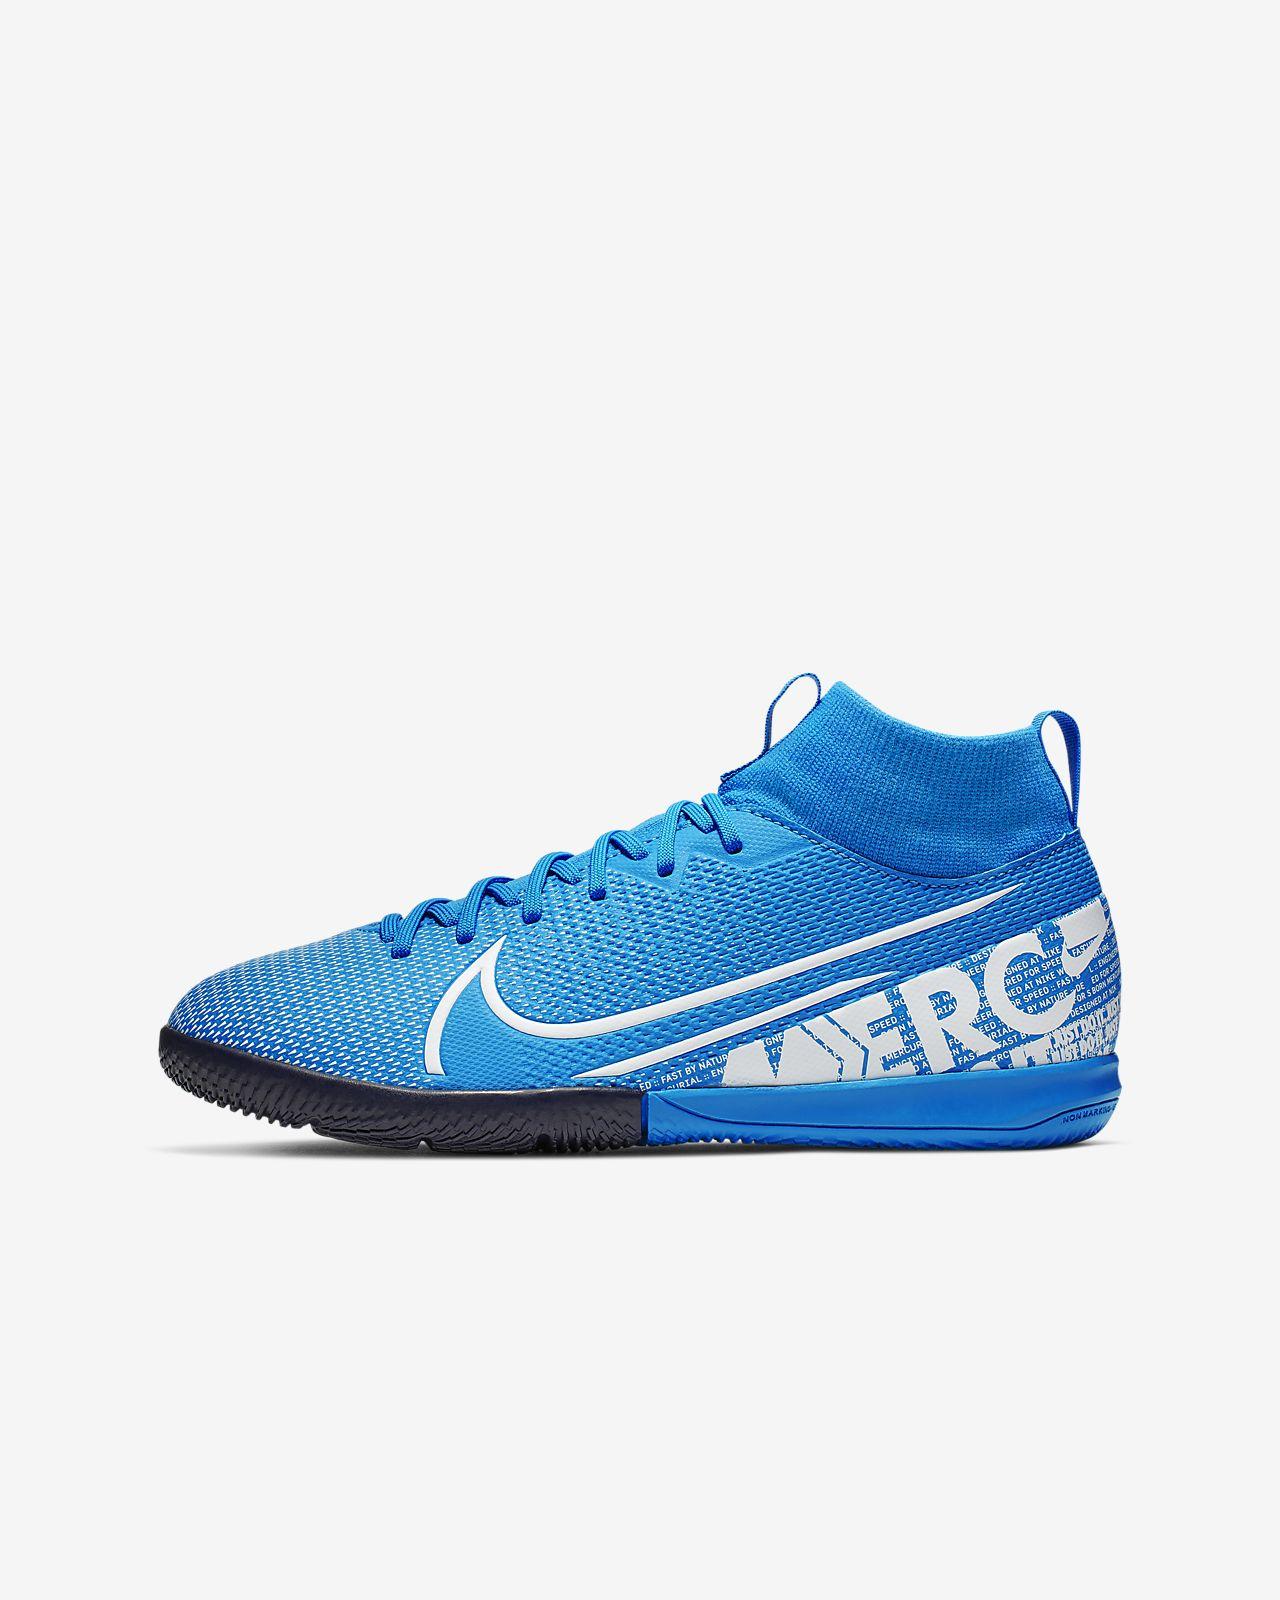 Günstig Nike Fußballschuhe Kaufen Nike Jr. Mercurial